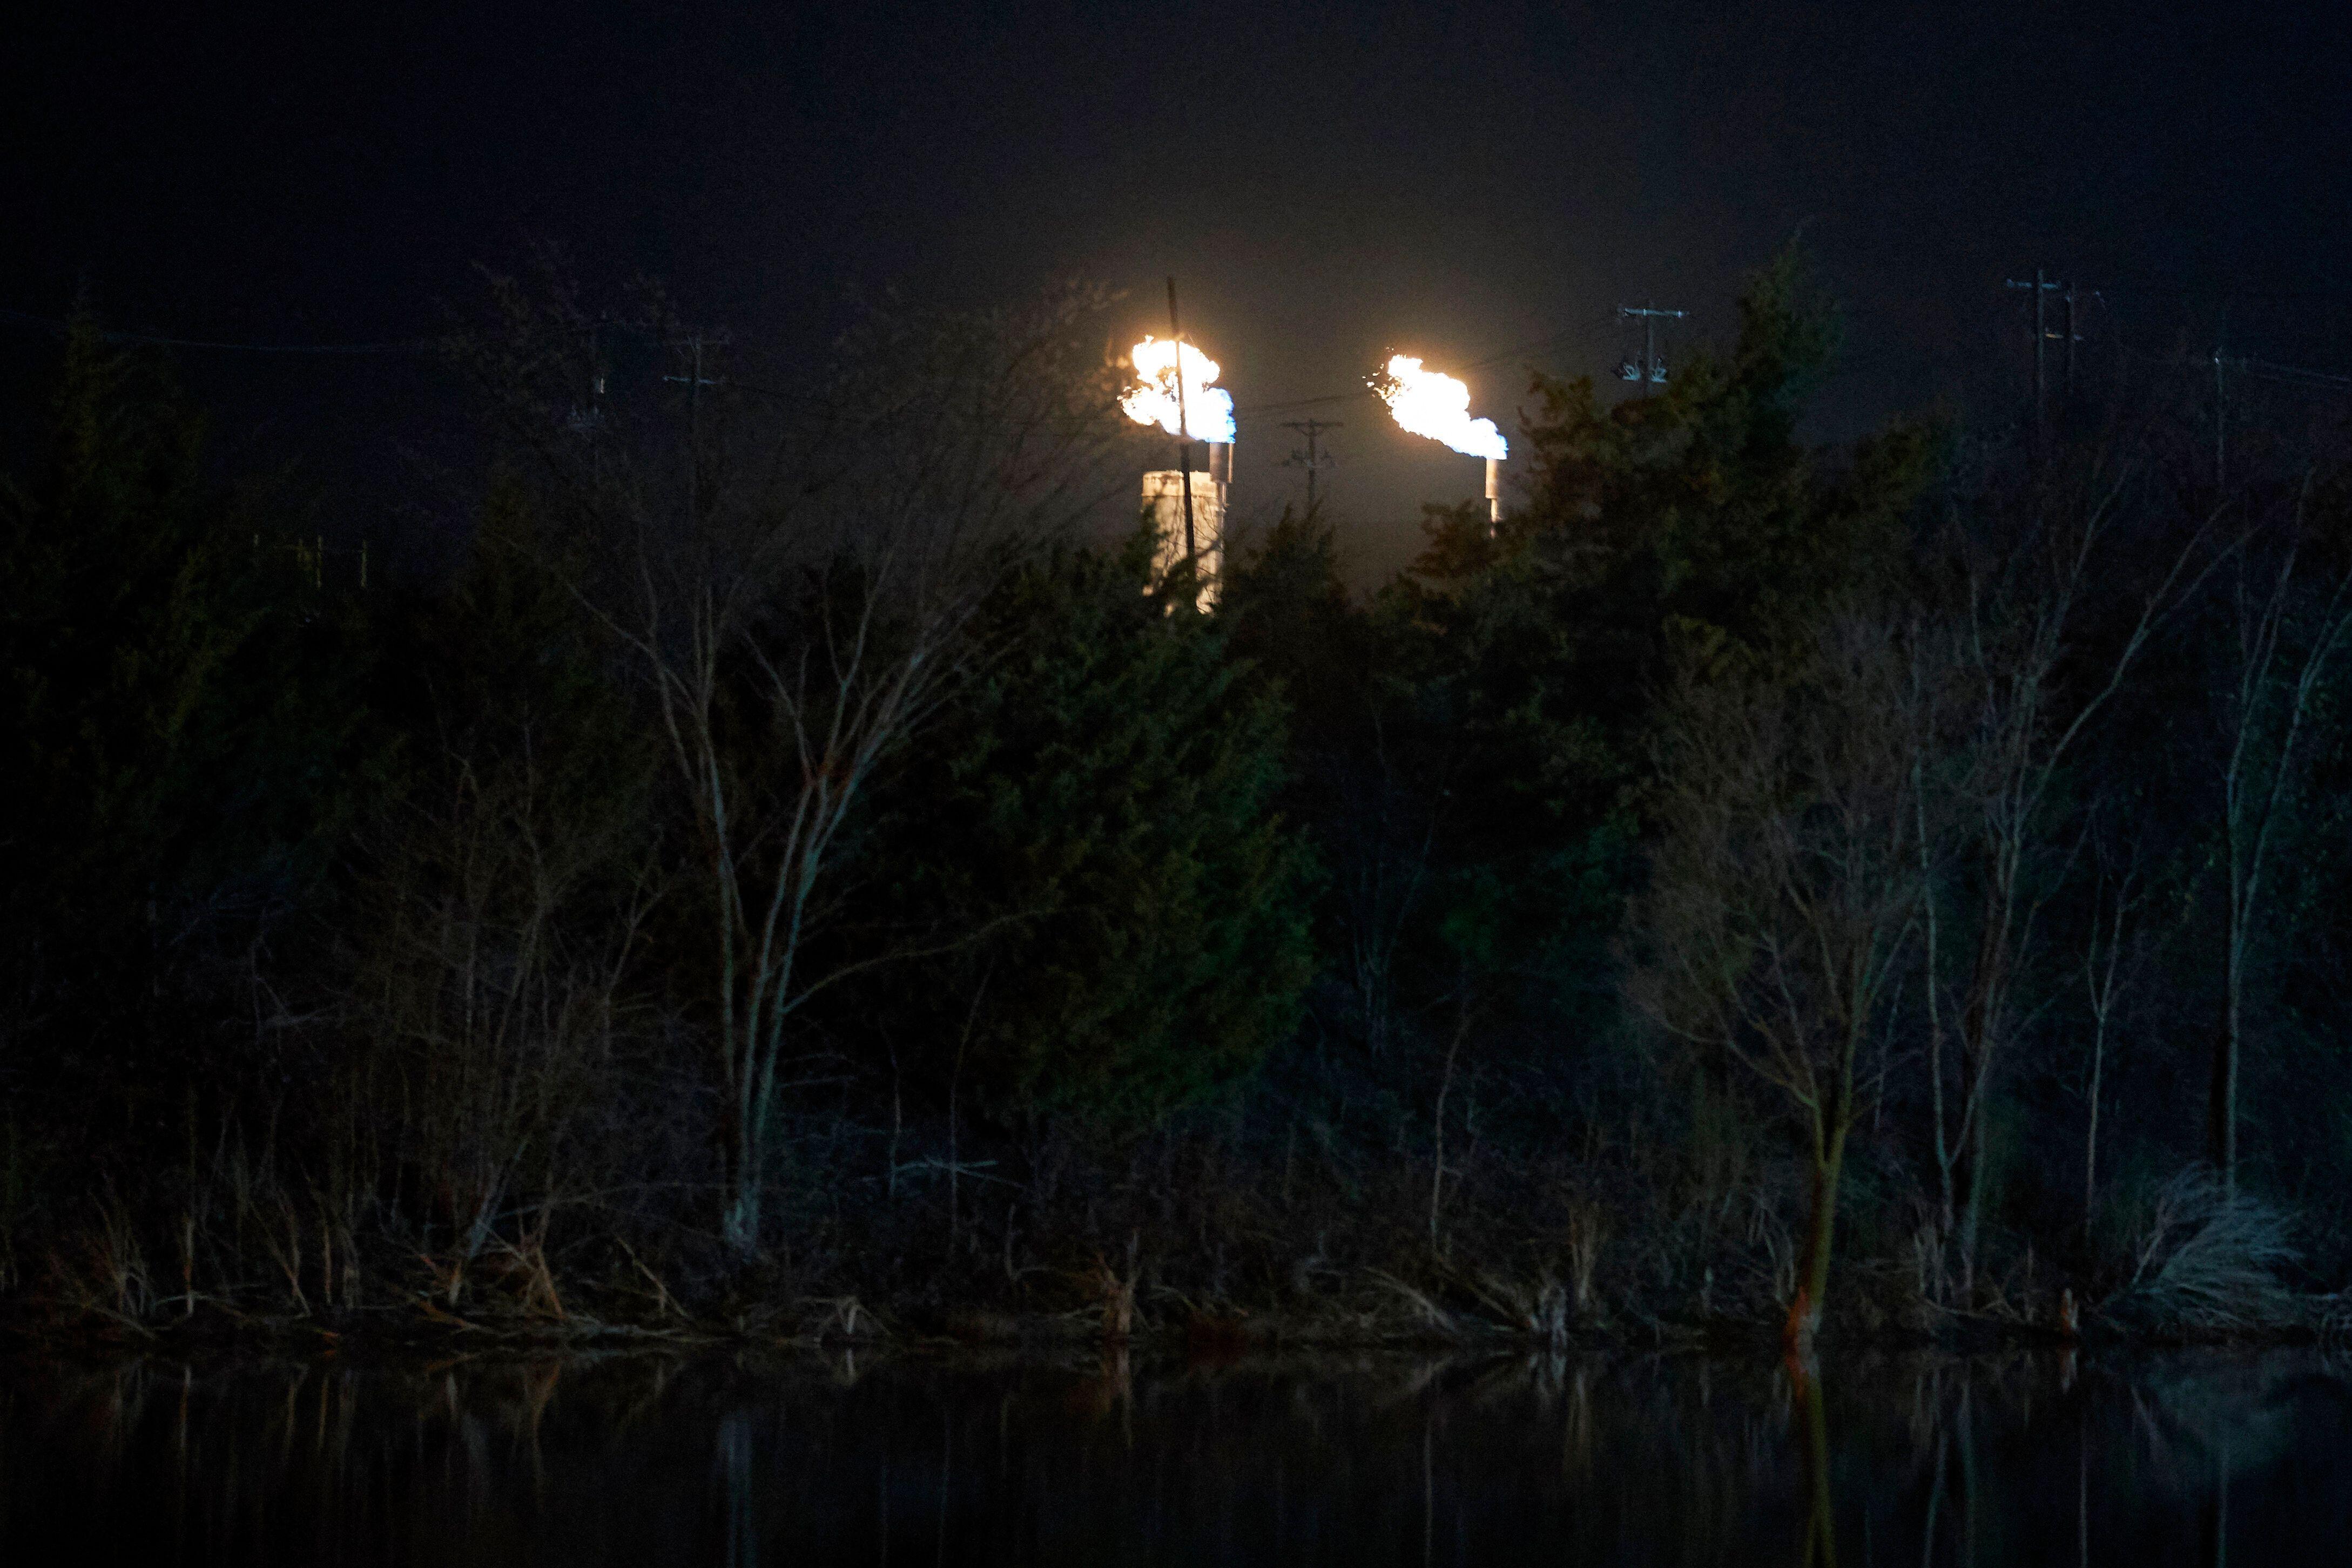 Flaring near Dallas, Texas on Feb. 12, 2020.